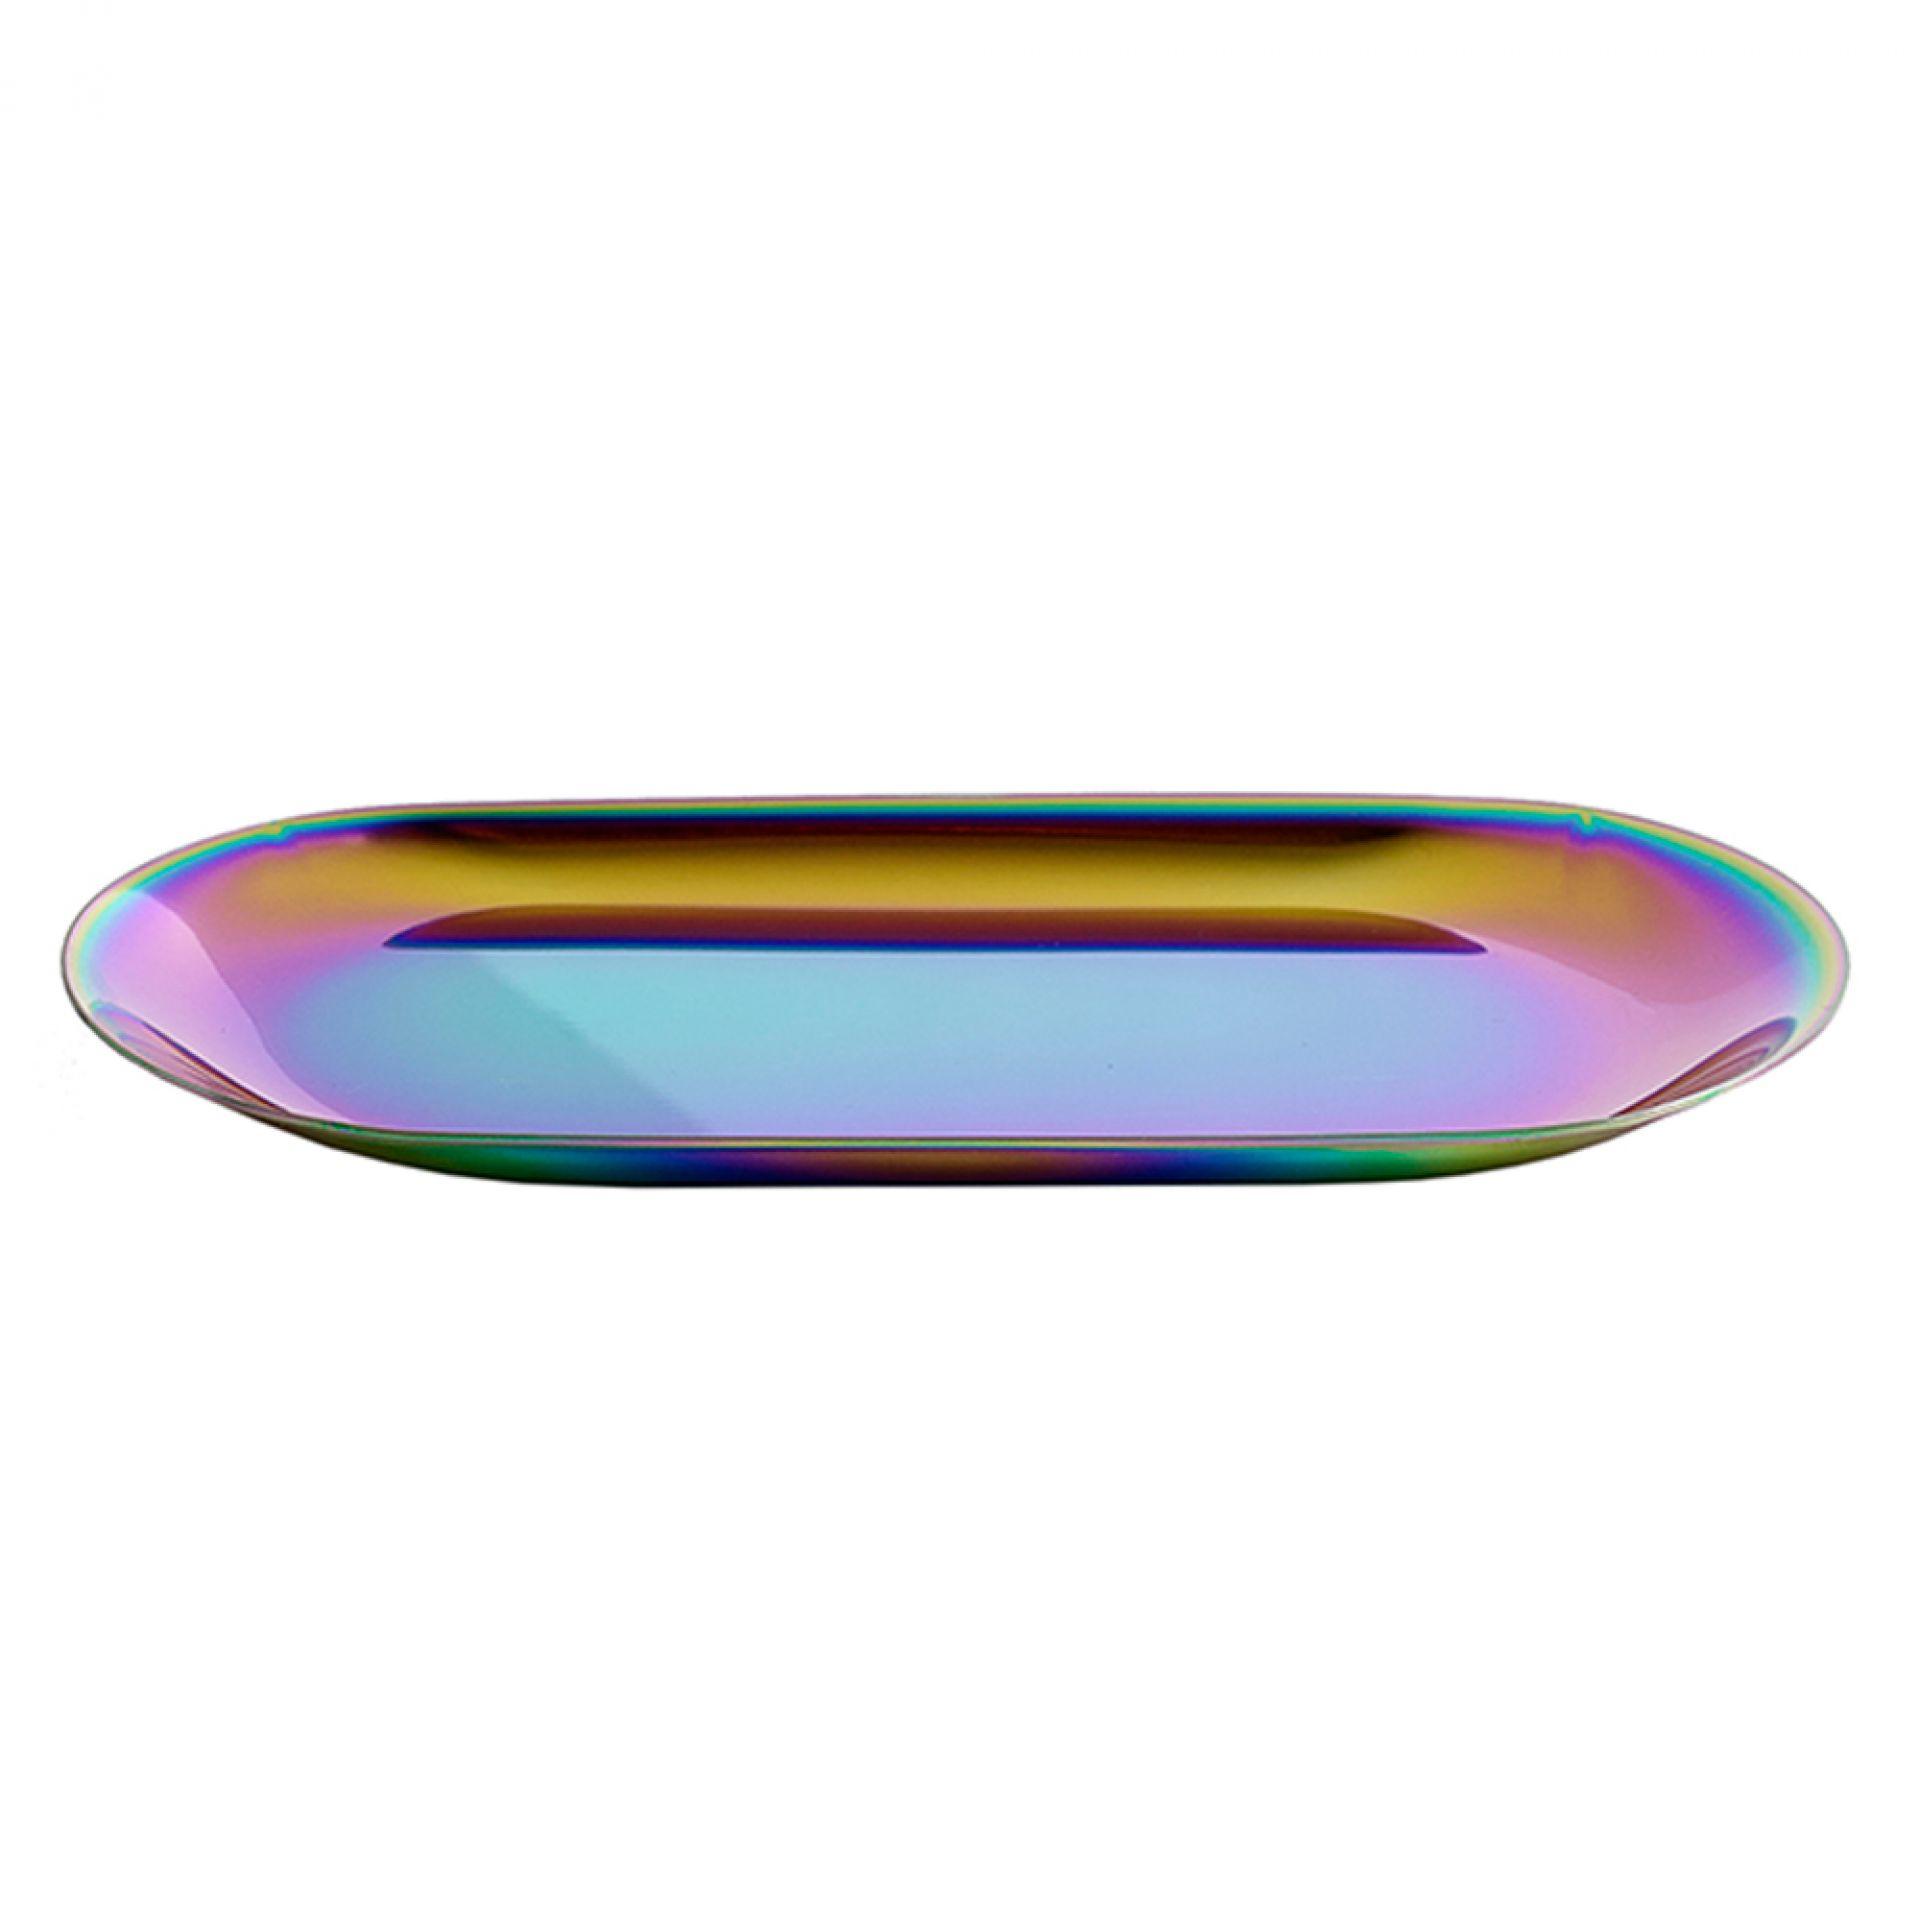 Tray Tablett S Hay-Regenbogenfarben